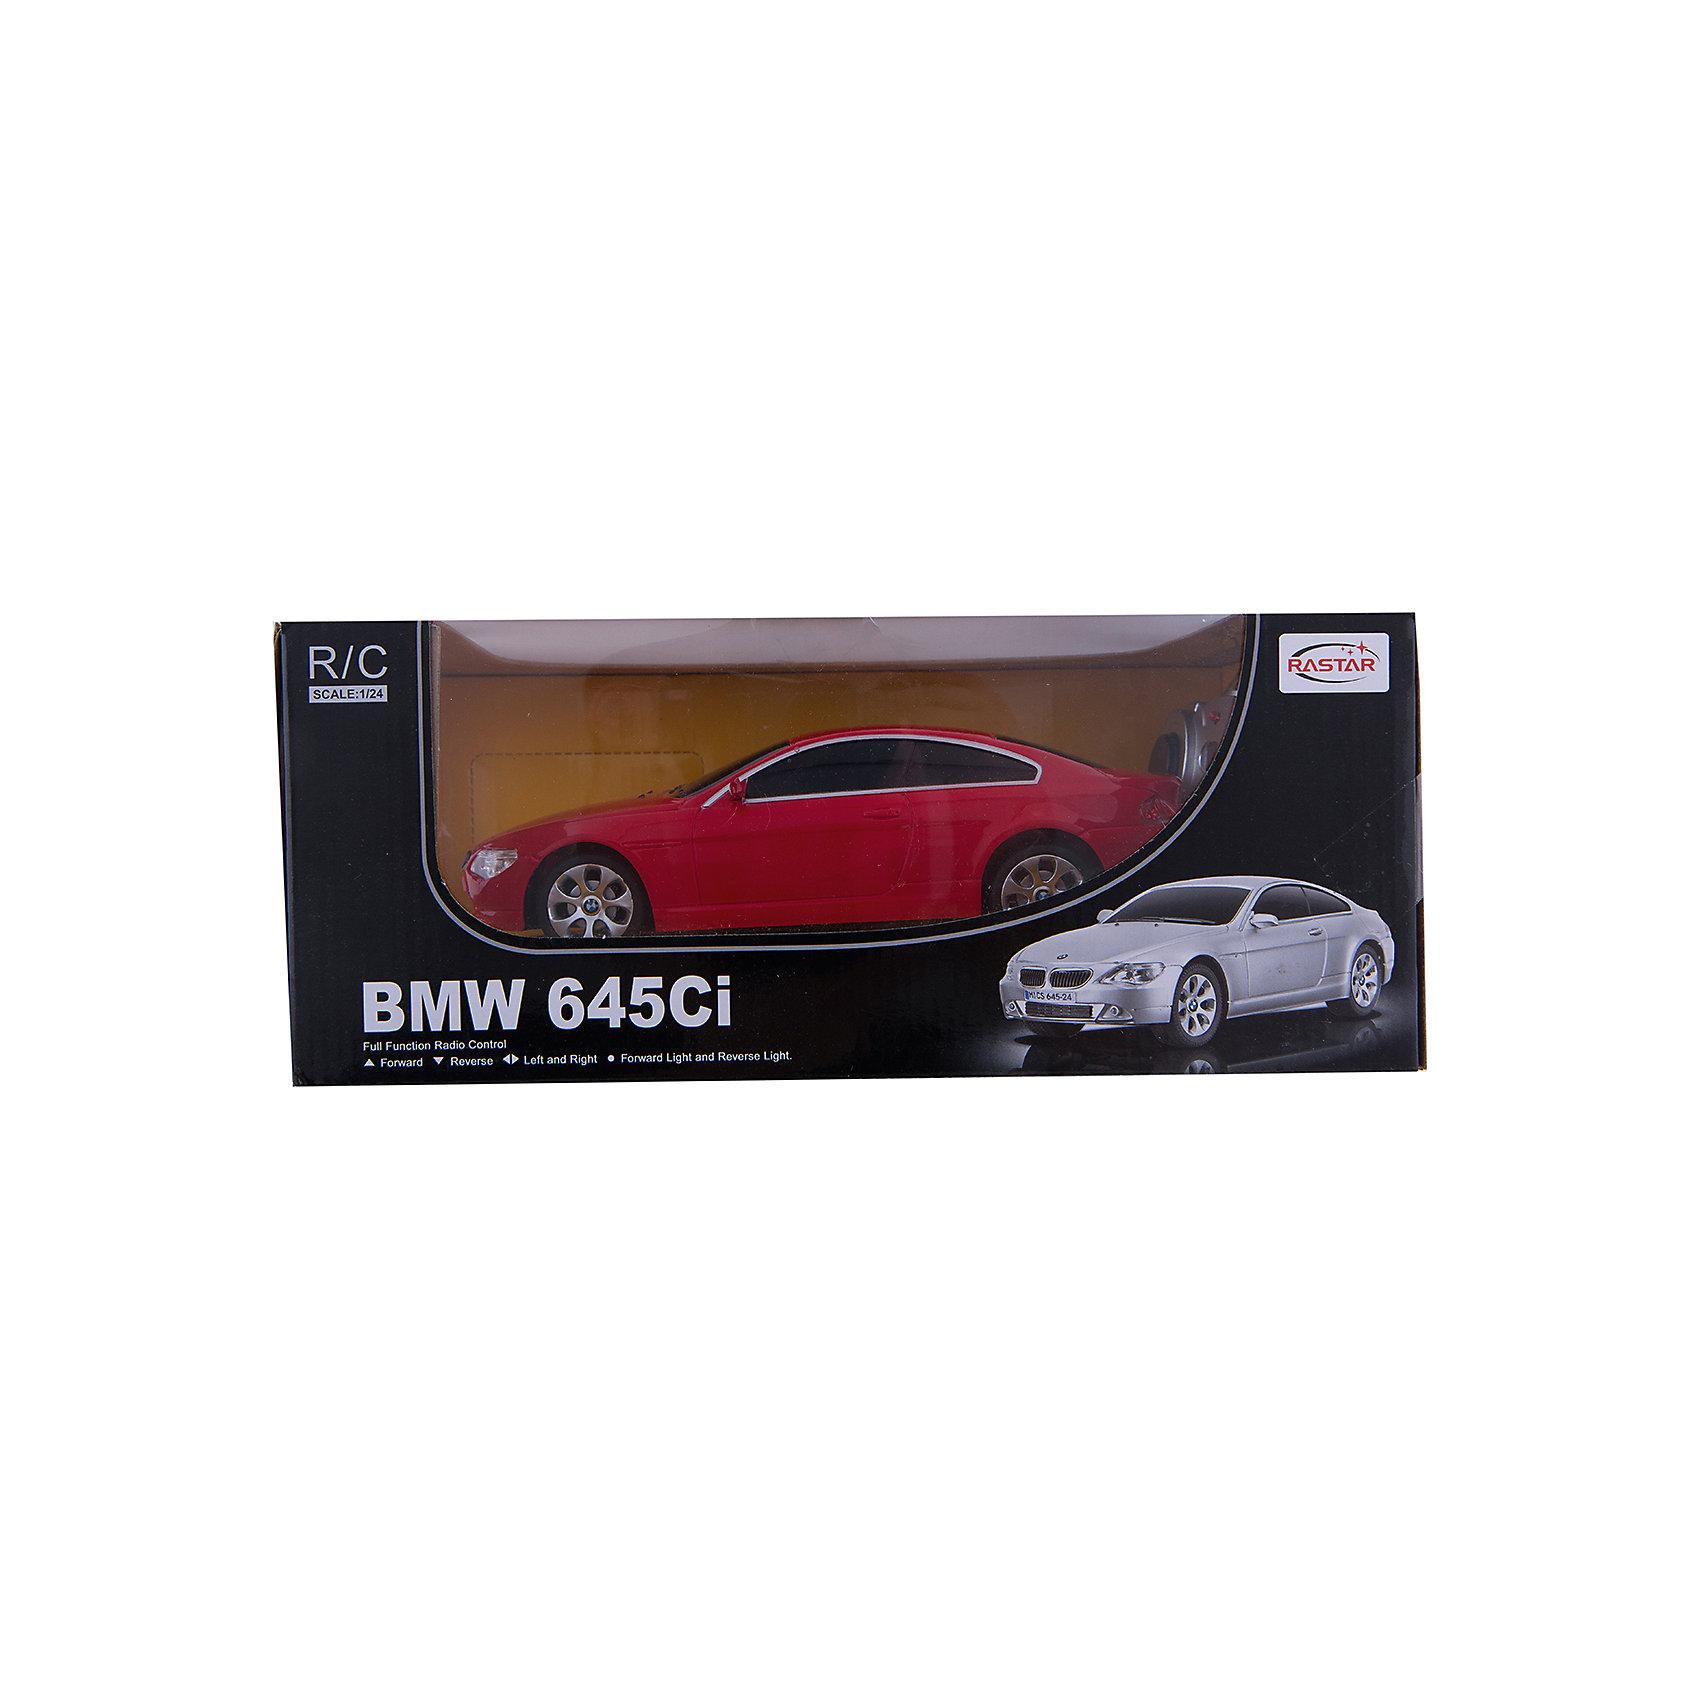 RASTAR Радиоуправляемая машина BMW 645Ci 1:24, краснаяМашинки<br>RASTAR Радиоуправляемая машина BMW 645Ci 1:24 - игрушка, которая наверняка приведет в восторг вашего ребенка, ведь эта радиоуправляемая машина - уменьшенная копия настоящего БМВ! <br><br>Модель выполнена в масштабе 1: 24.<br><br>Особенности игрушки:<br><br>- Работает на частоте: 27MHz; <br>- Движение вперед, назад, вправо, влево; <br>- Контроль управления: 15 - 45 метров; <br>- Развивает скорость до: 7 км/ч; <br>- Светятся фары. <br><br><br>Дополнительная информация:<br><br>- Для работы требуются батарейки: 5 Х АА (не входят в комплект).<br>- Материалы: пластик.<br>- Размер упаковки: 28,5х12х10 см.<br>- Вес: 460 г.<br><br>Ширина мм: 100<br>Глубина мм: 385<br>Высота мм: 120<br>Вес г: 460<br>Возраст от месяцев: 72<br>Возраст до месяцев: 144<br>Пол: Мужской<br>Возраст: Детский<br>SKU: 4833564